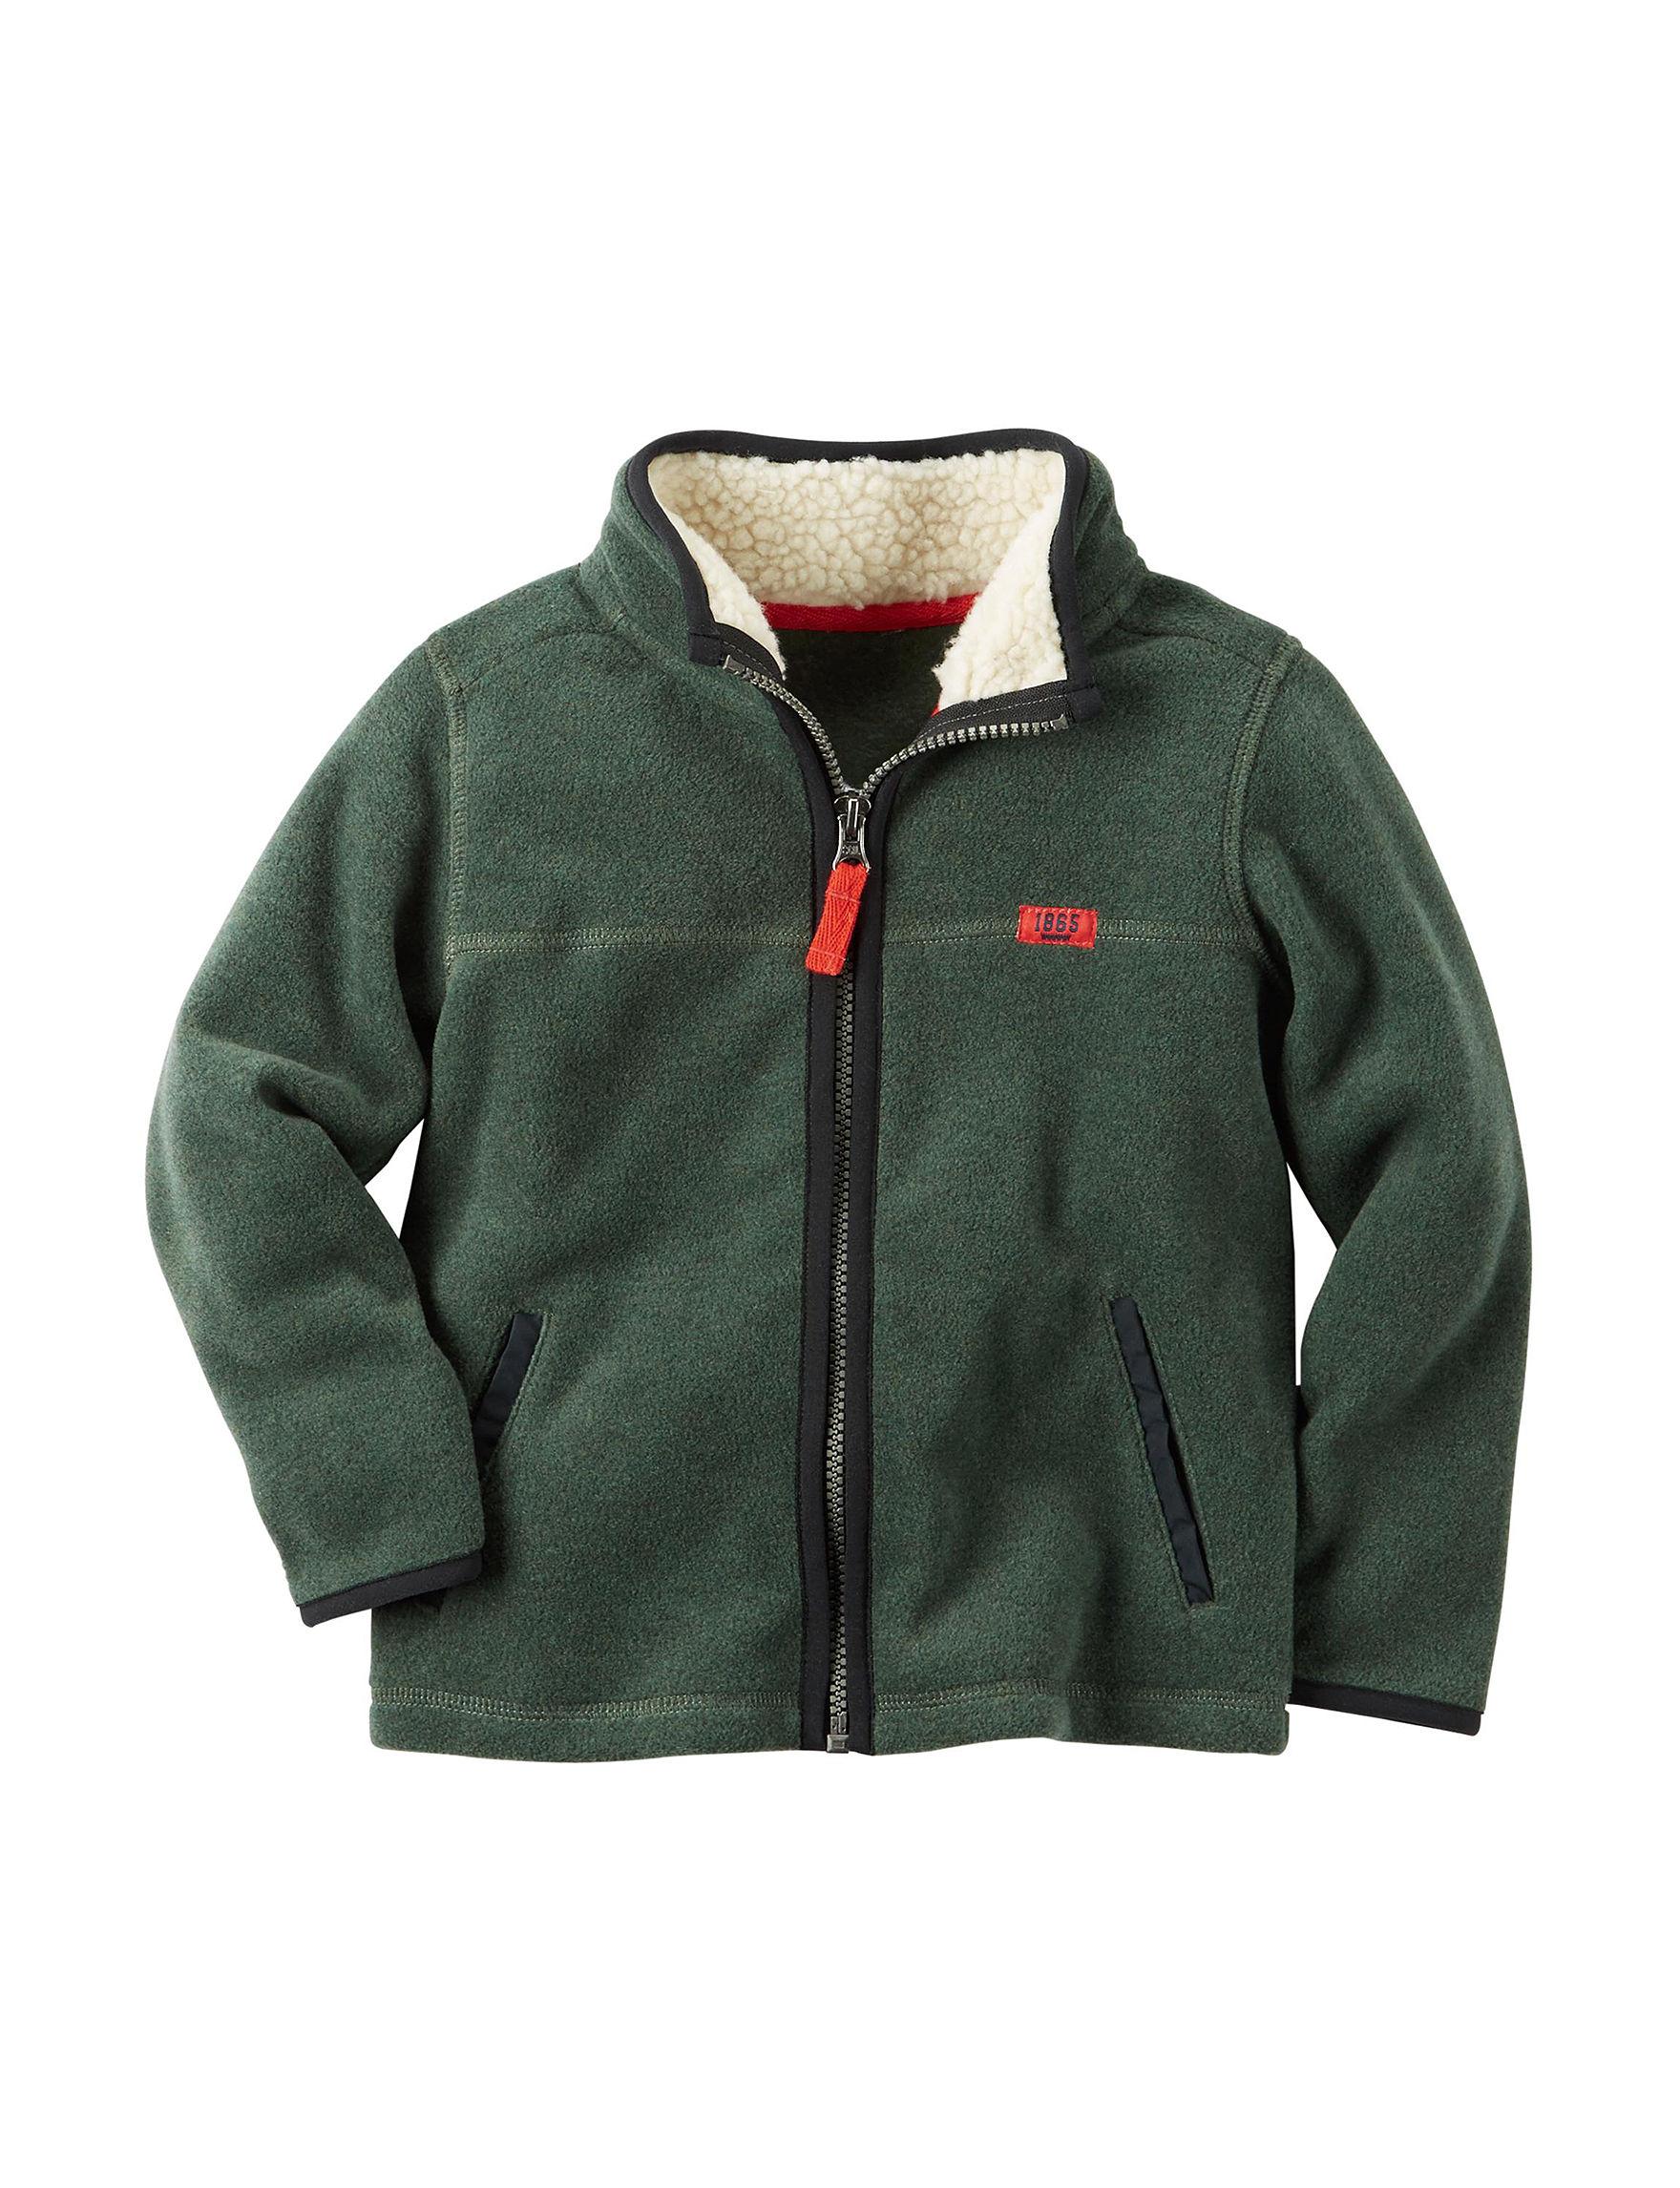 Carter's Green Fleece & Soft Shell Jackets